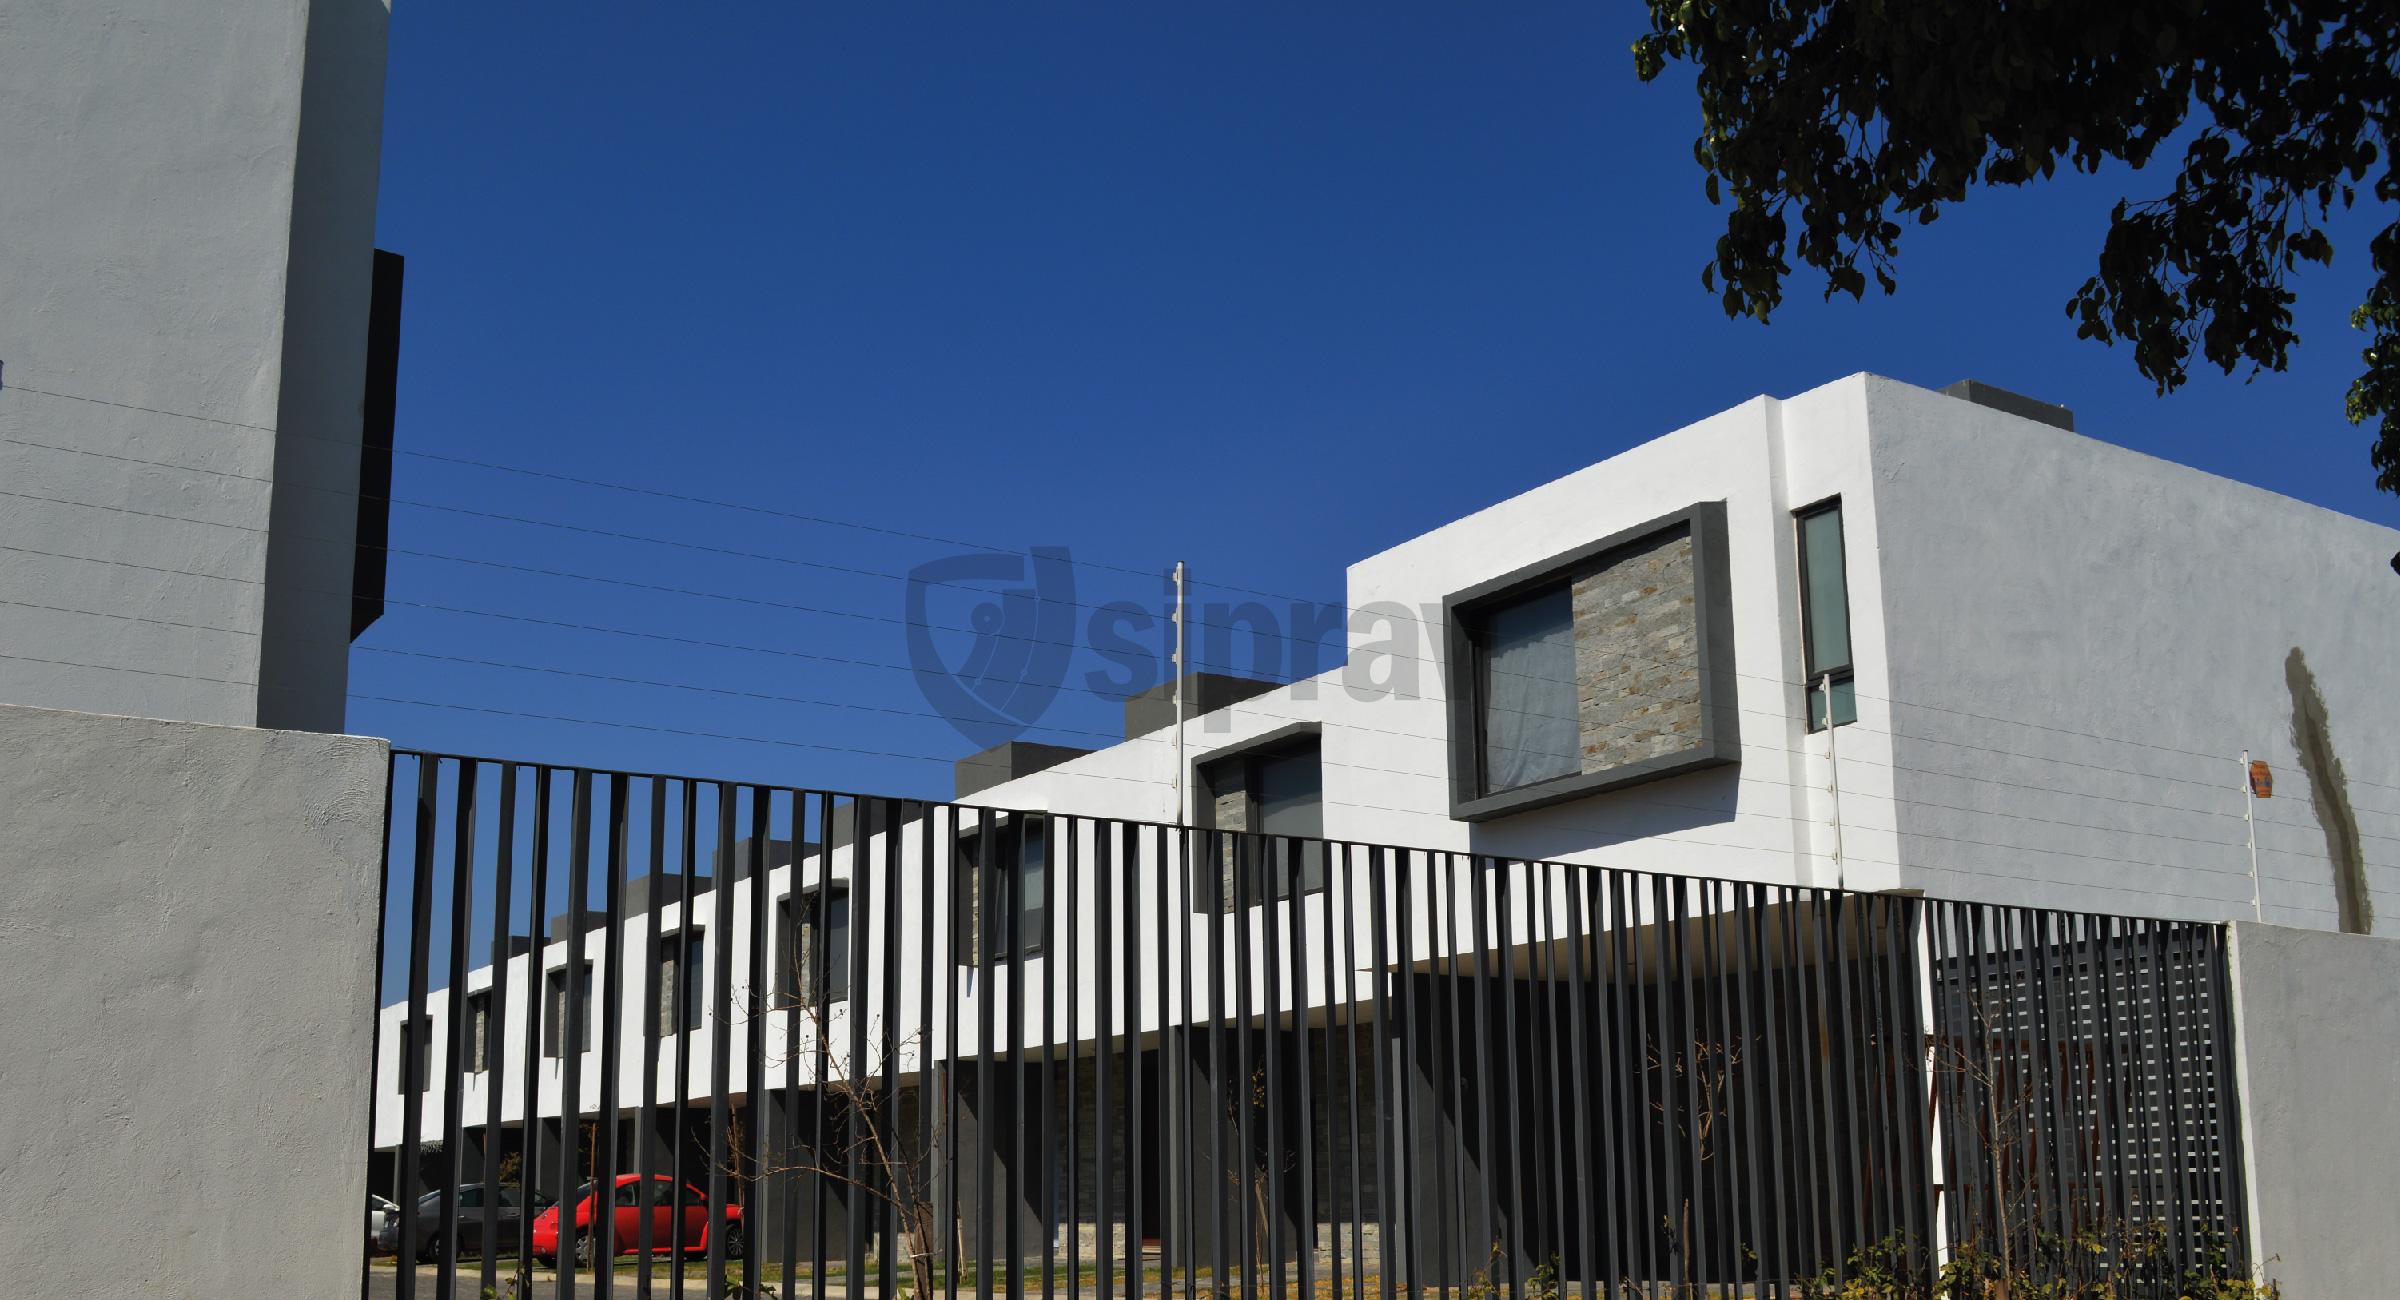 Cercas Eléctricas Mallas Electrificadas instalado en muro y herrería